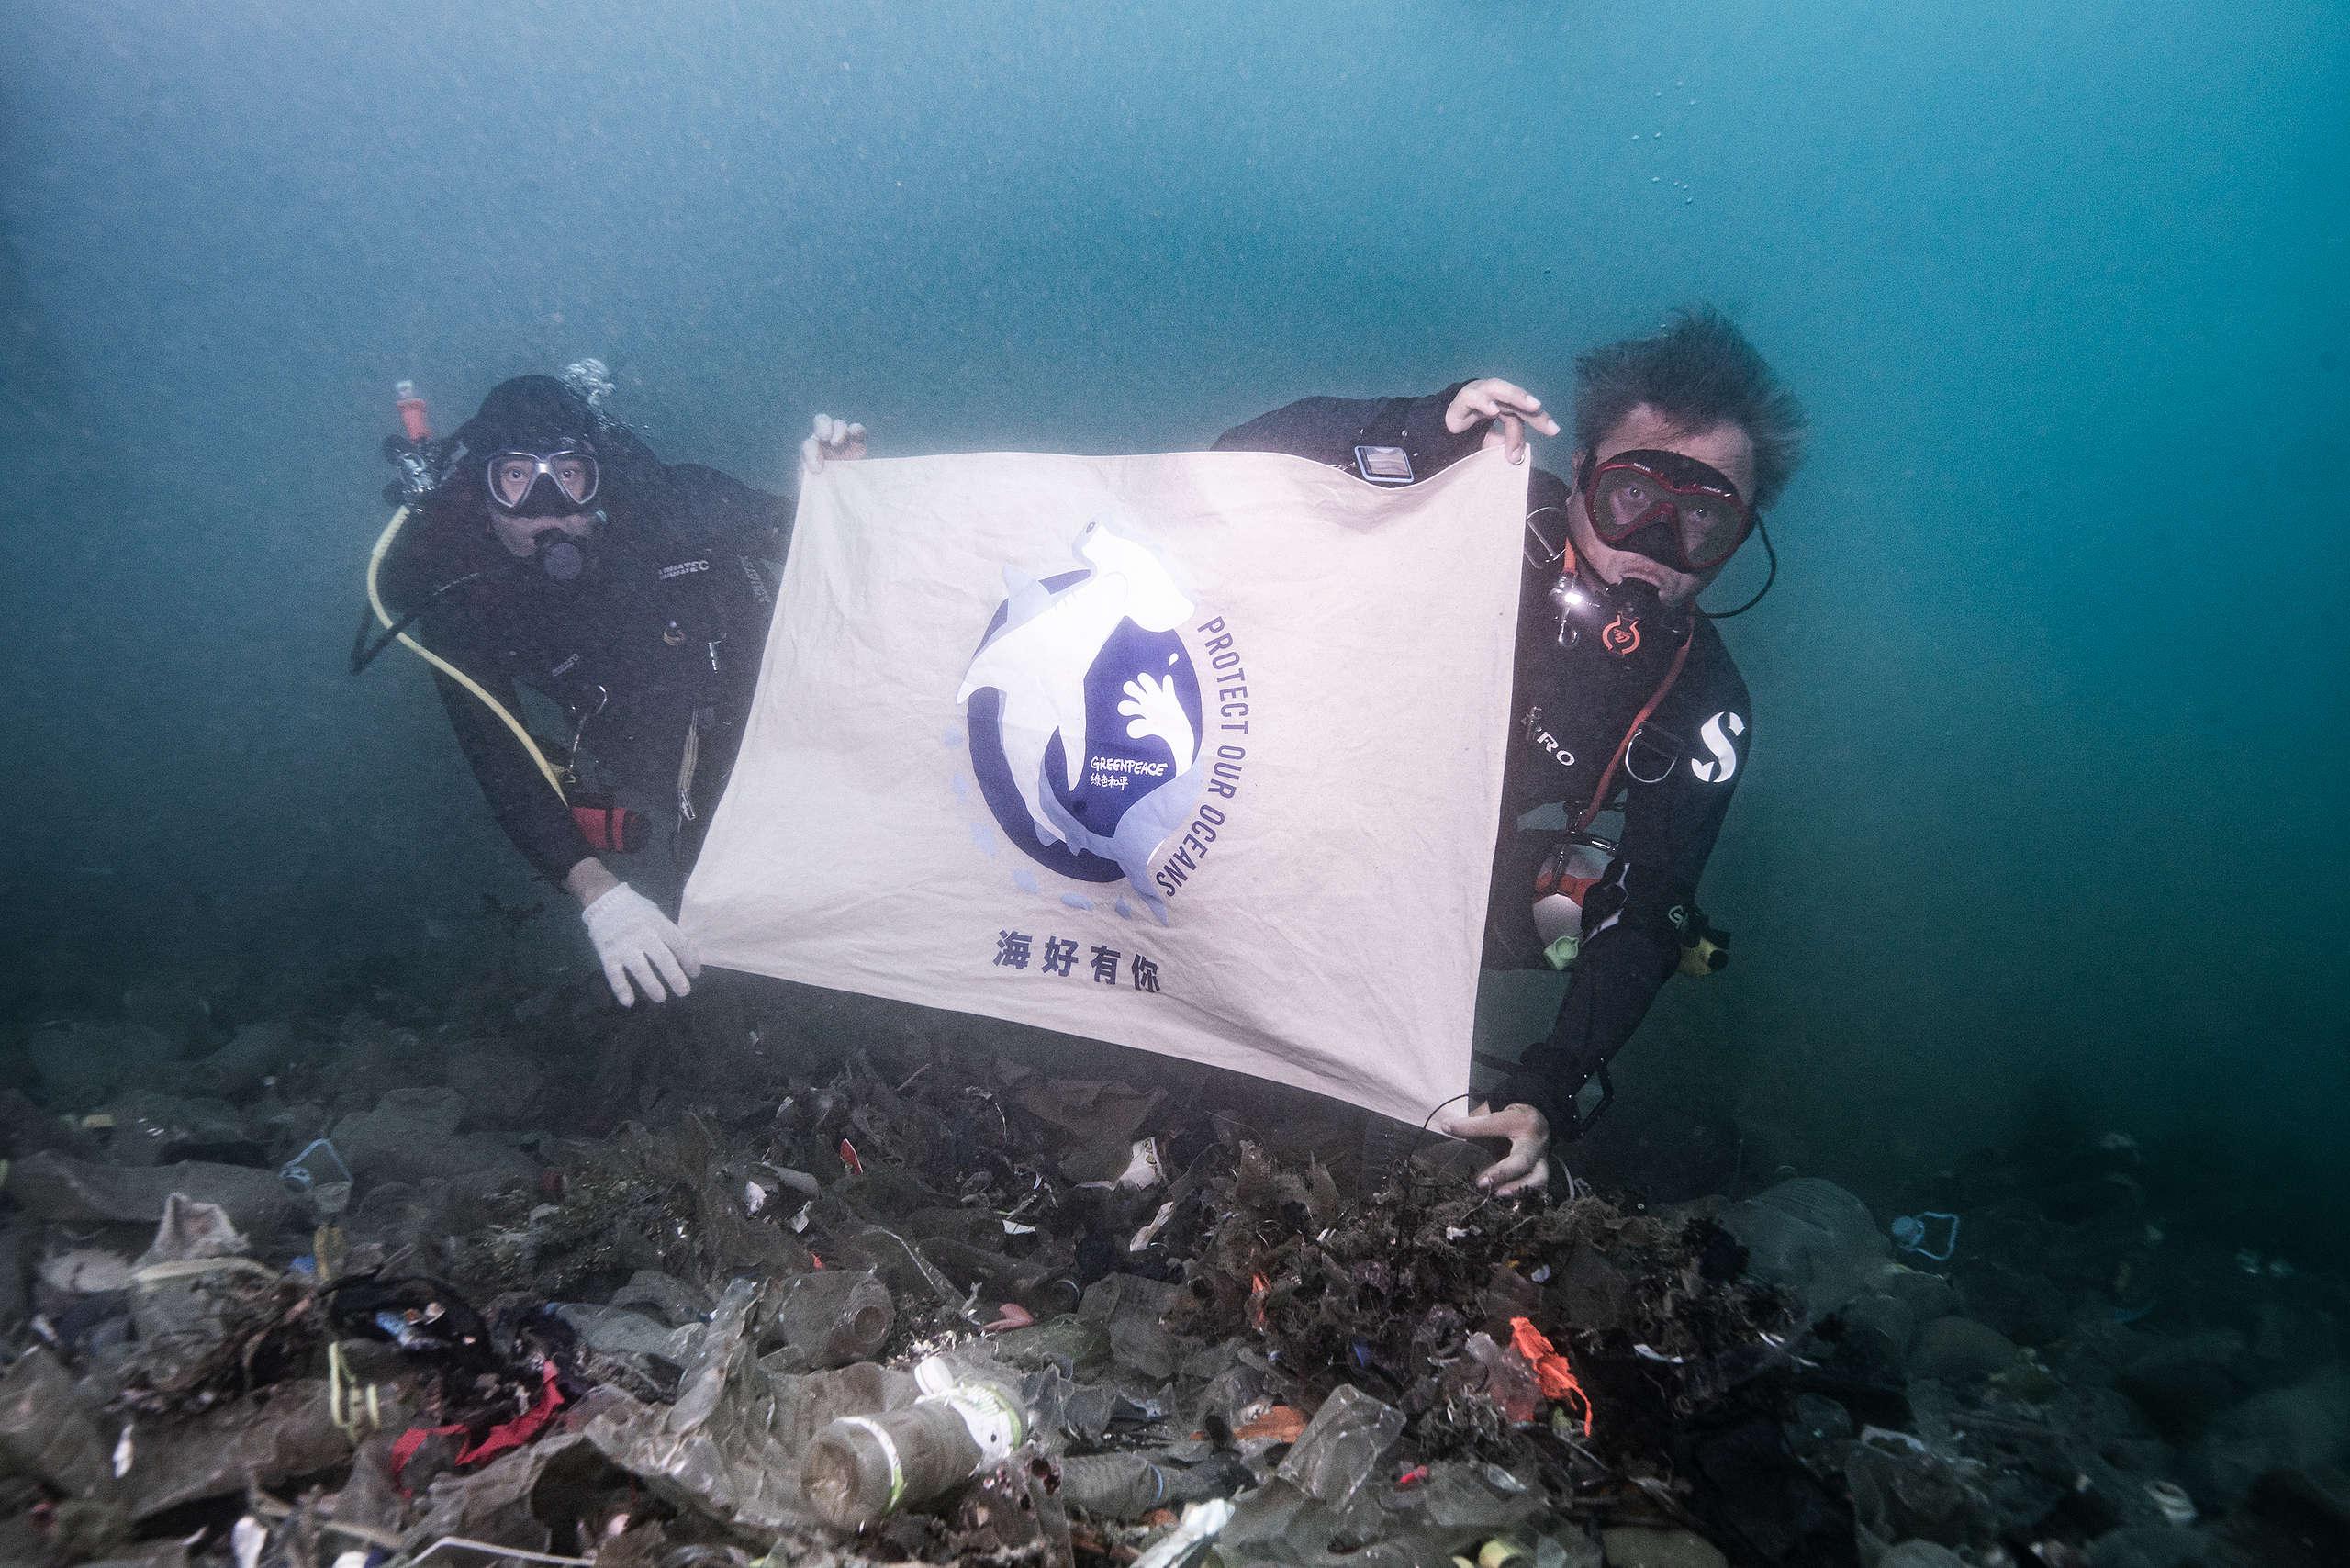 2021年9月19日「世界清潔日」,綠色和平舉辦水下淨海行動,於基隆八斗子的水產動植物保育區清理海洋垃圾。